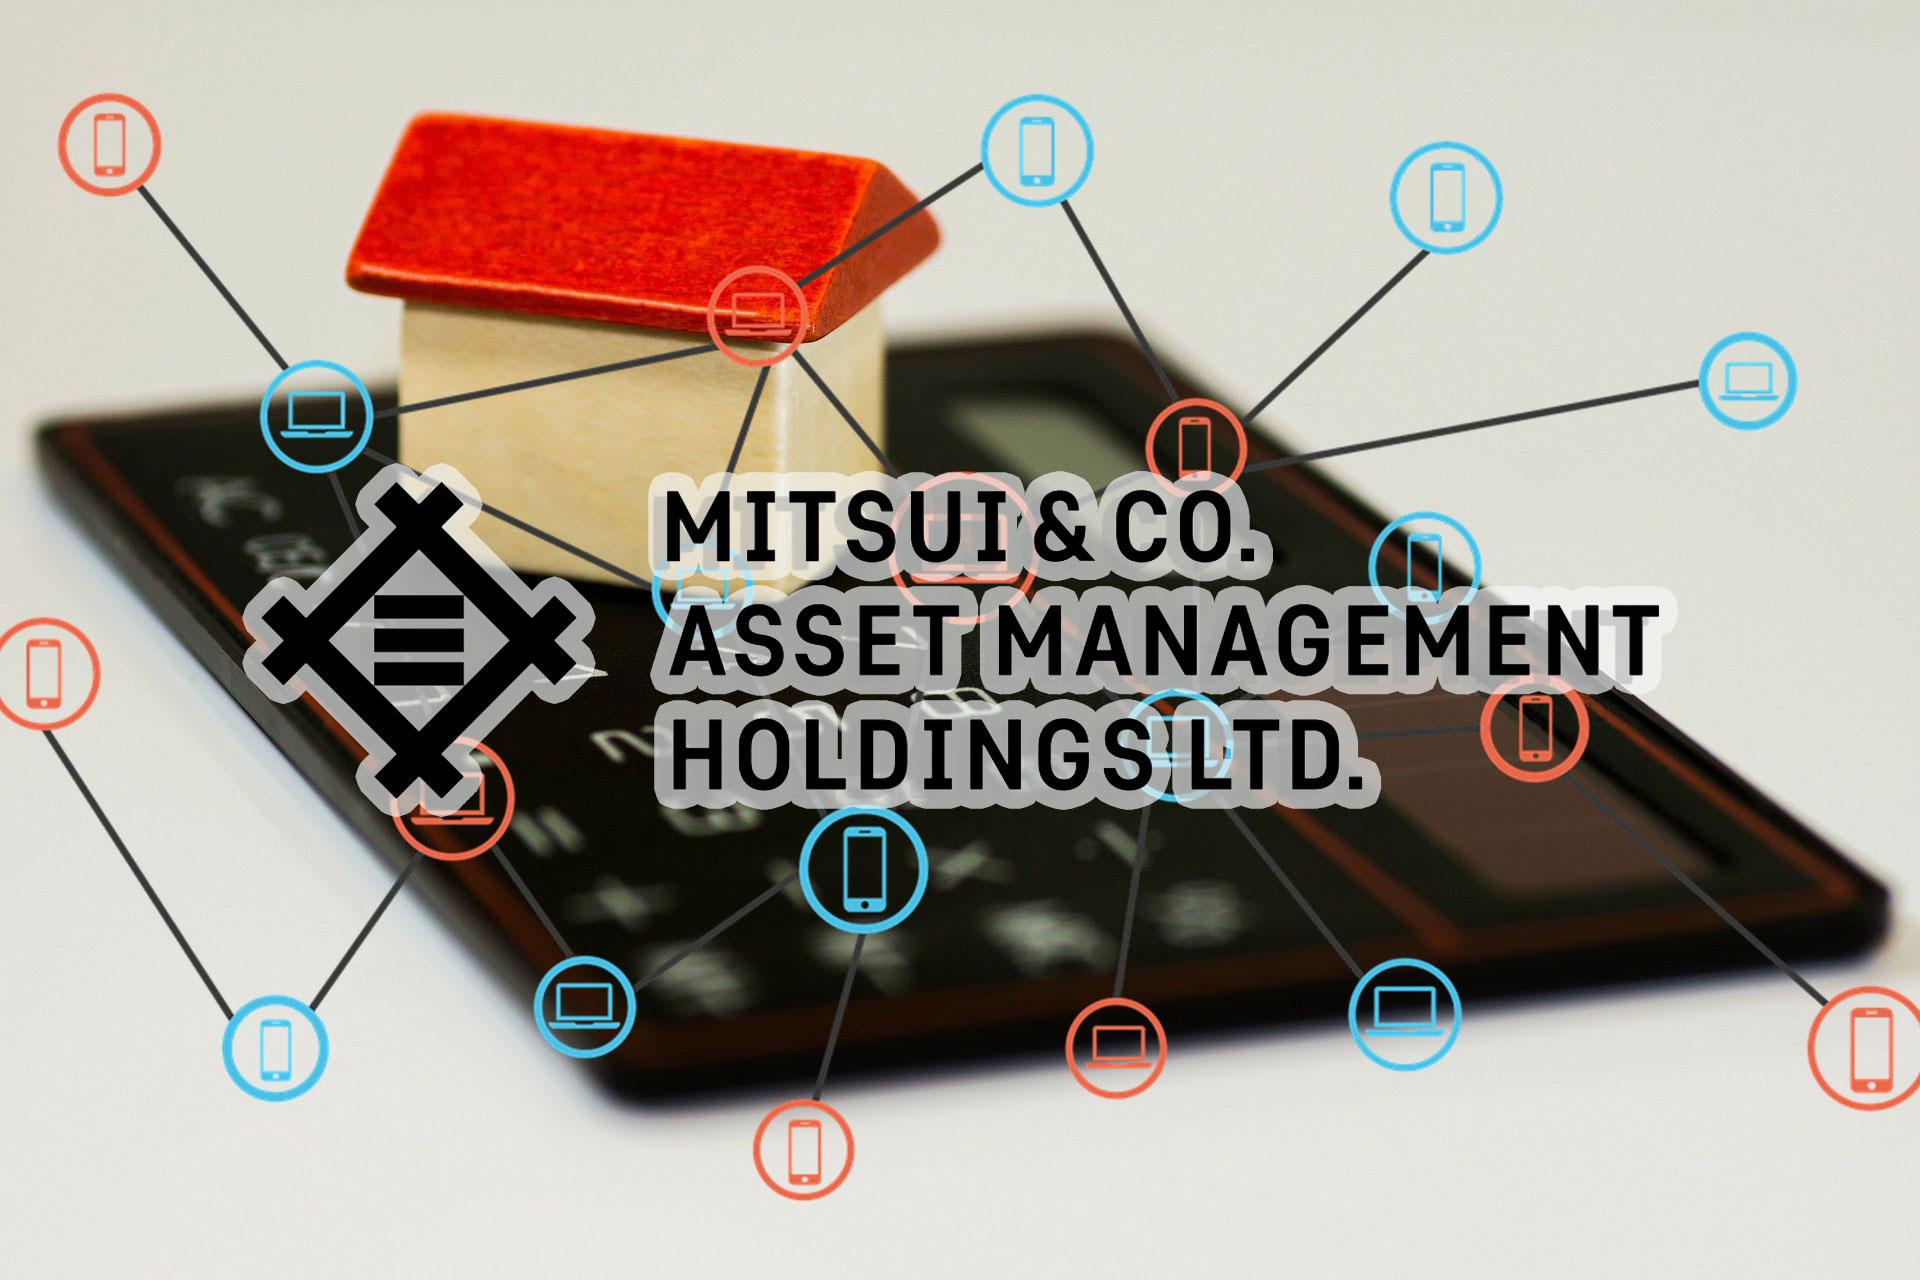 三井物産らの新会社、セキュリティトークンを活用した不動産のデジタル証券プロジェクトを開始